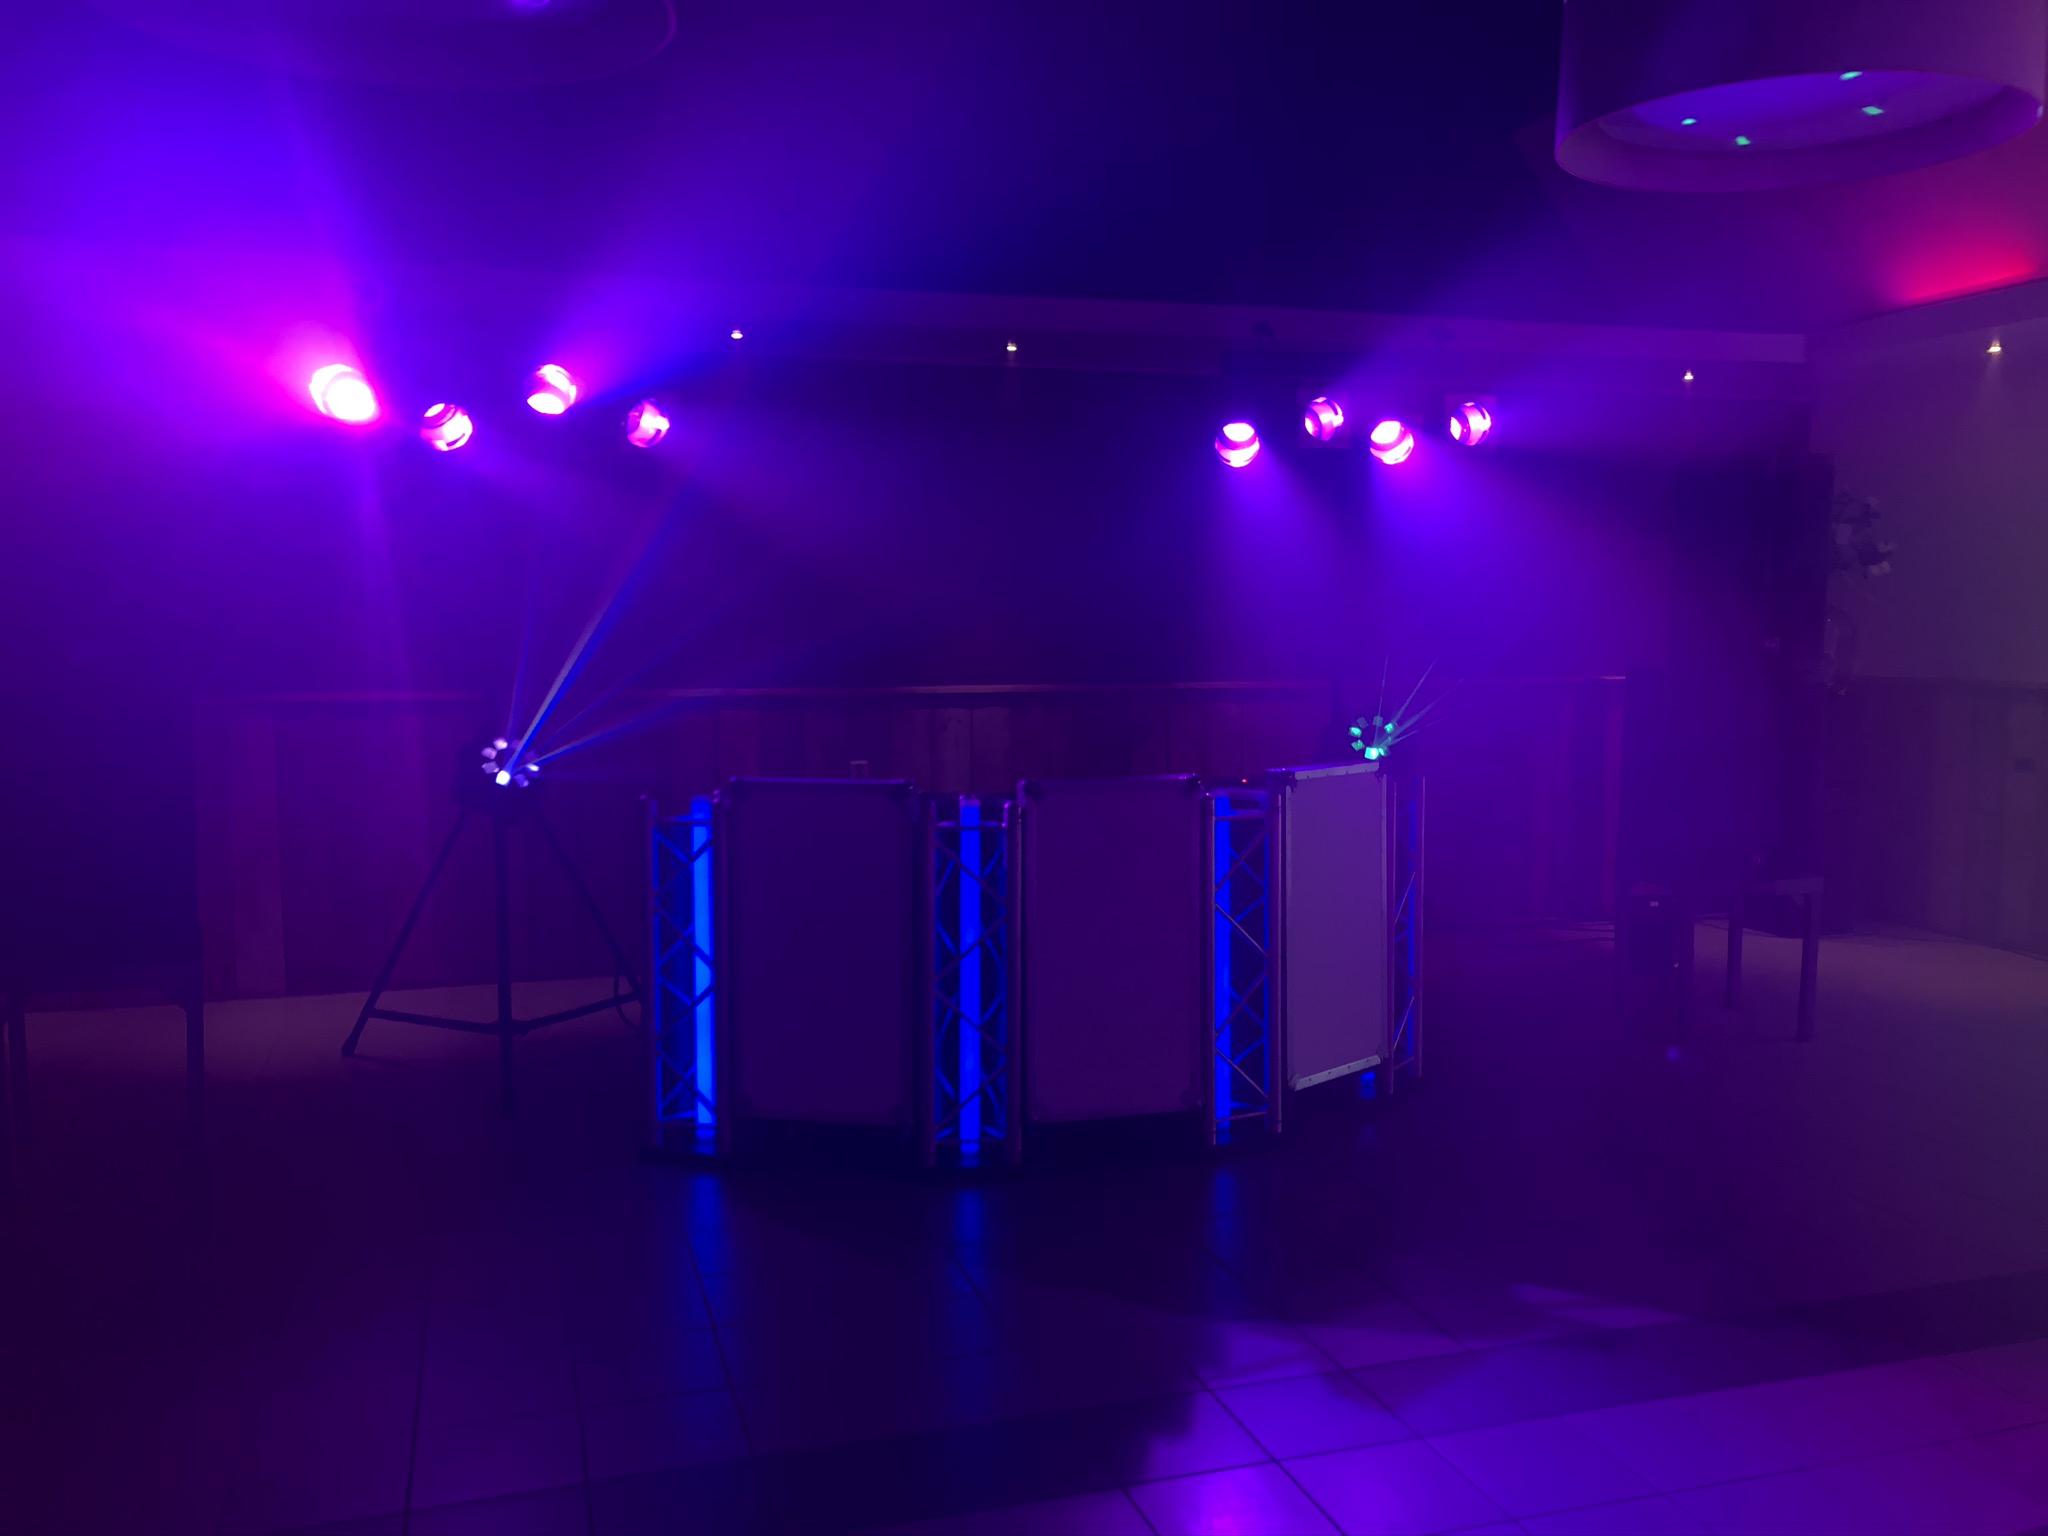 Star disco show 3